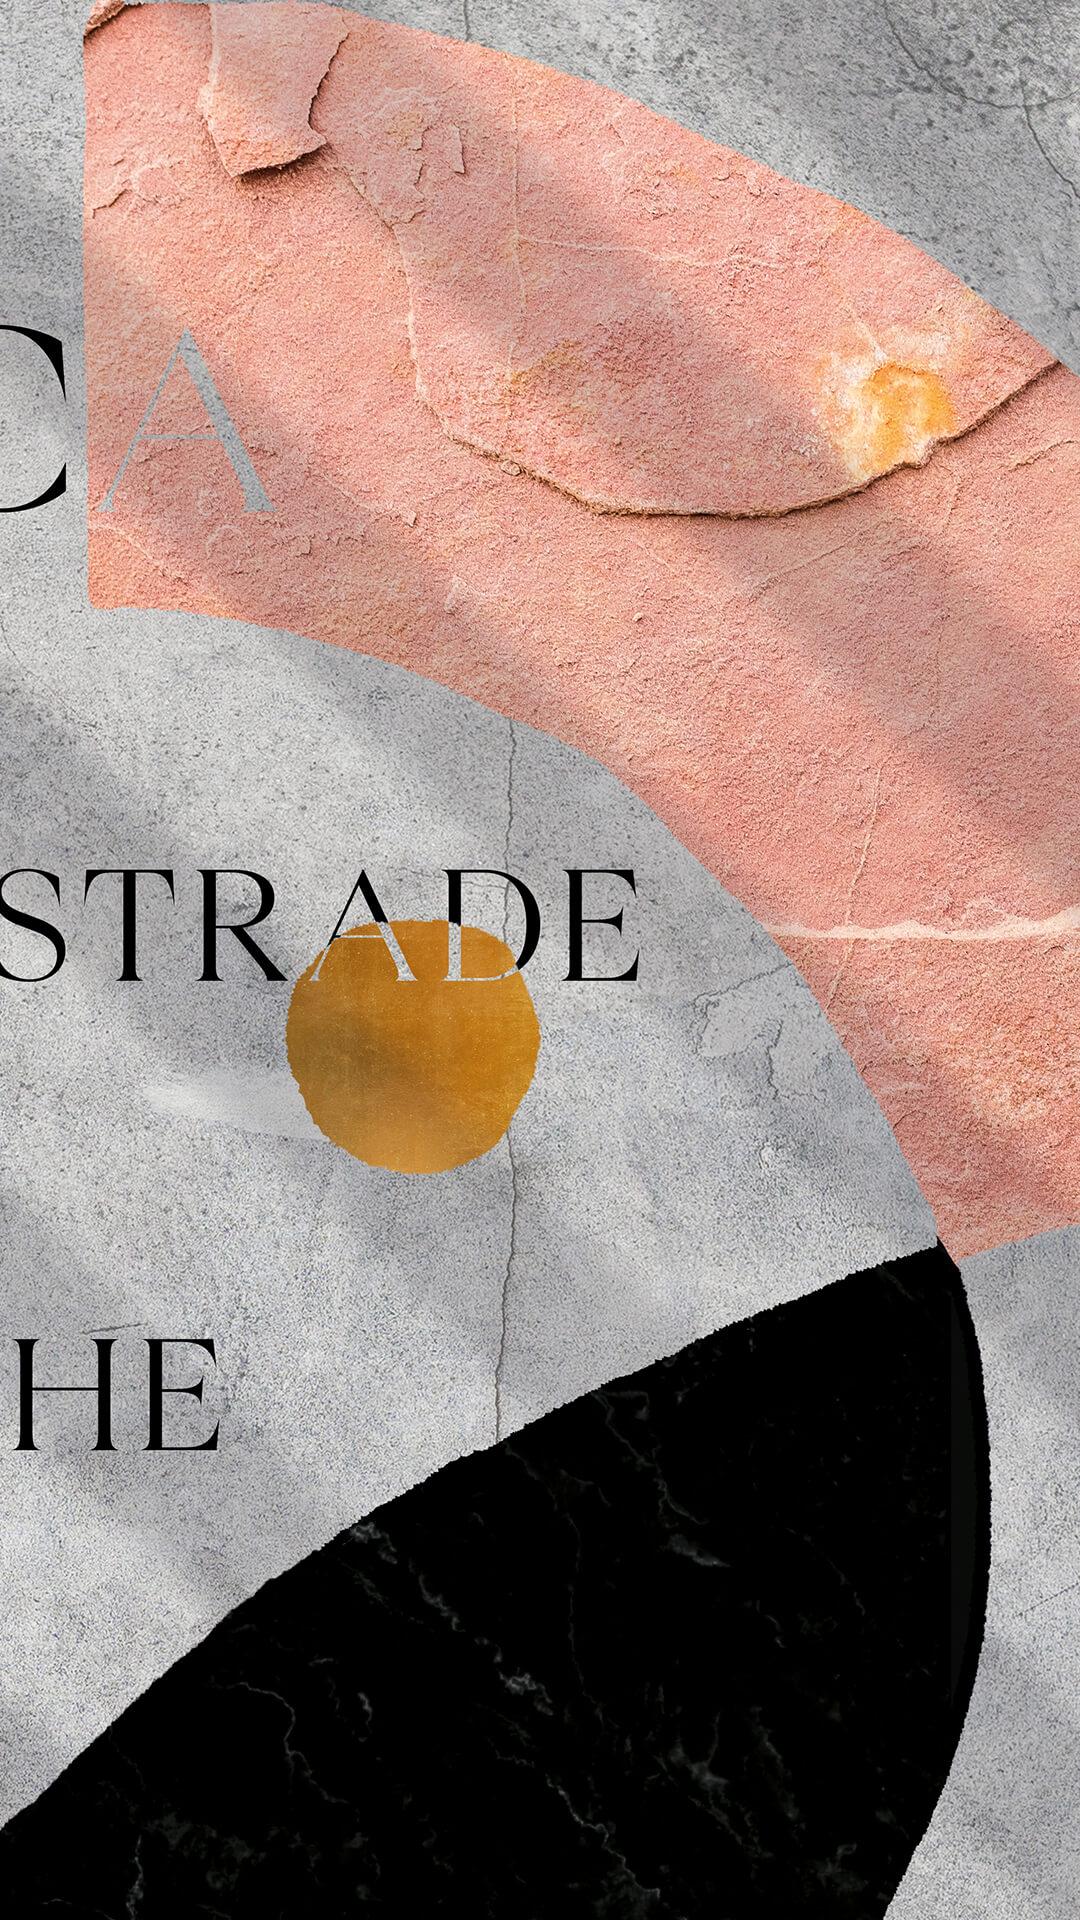 Strade_Detail